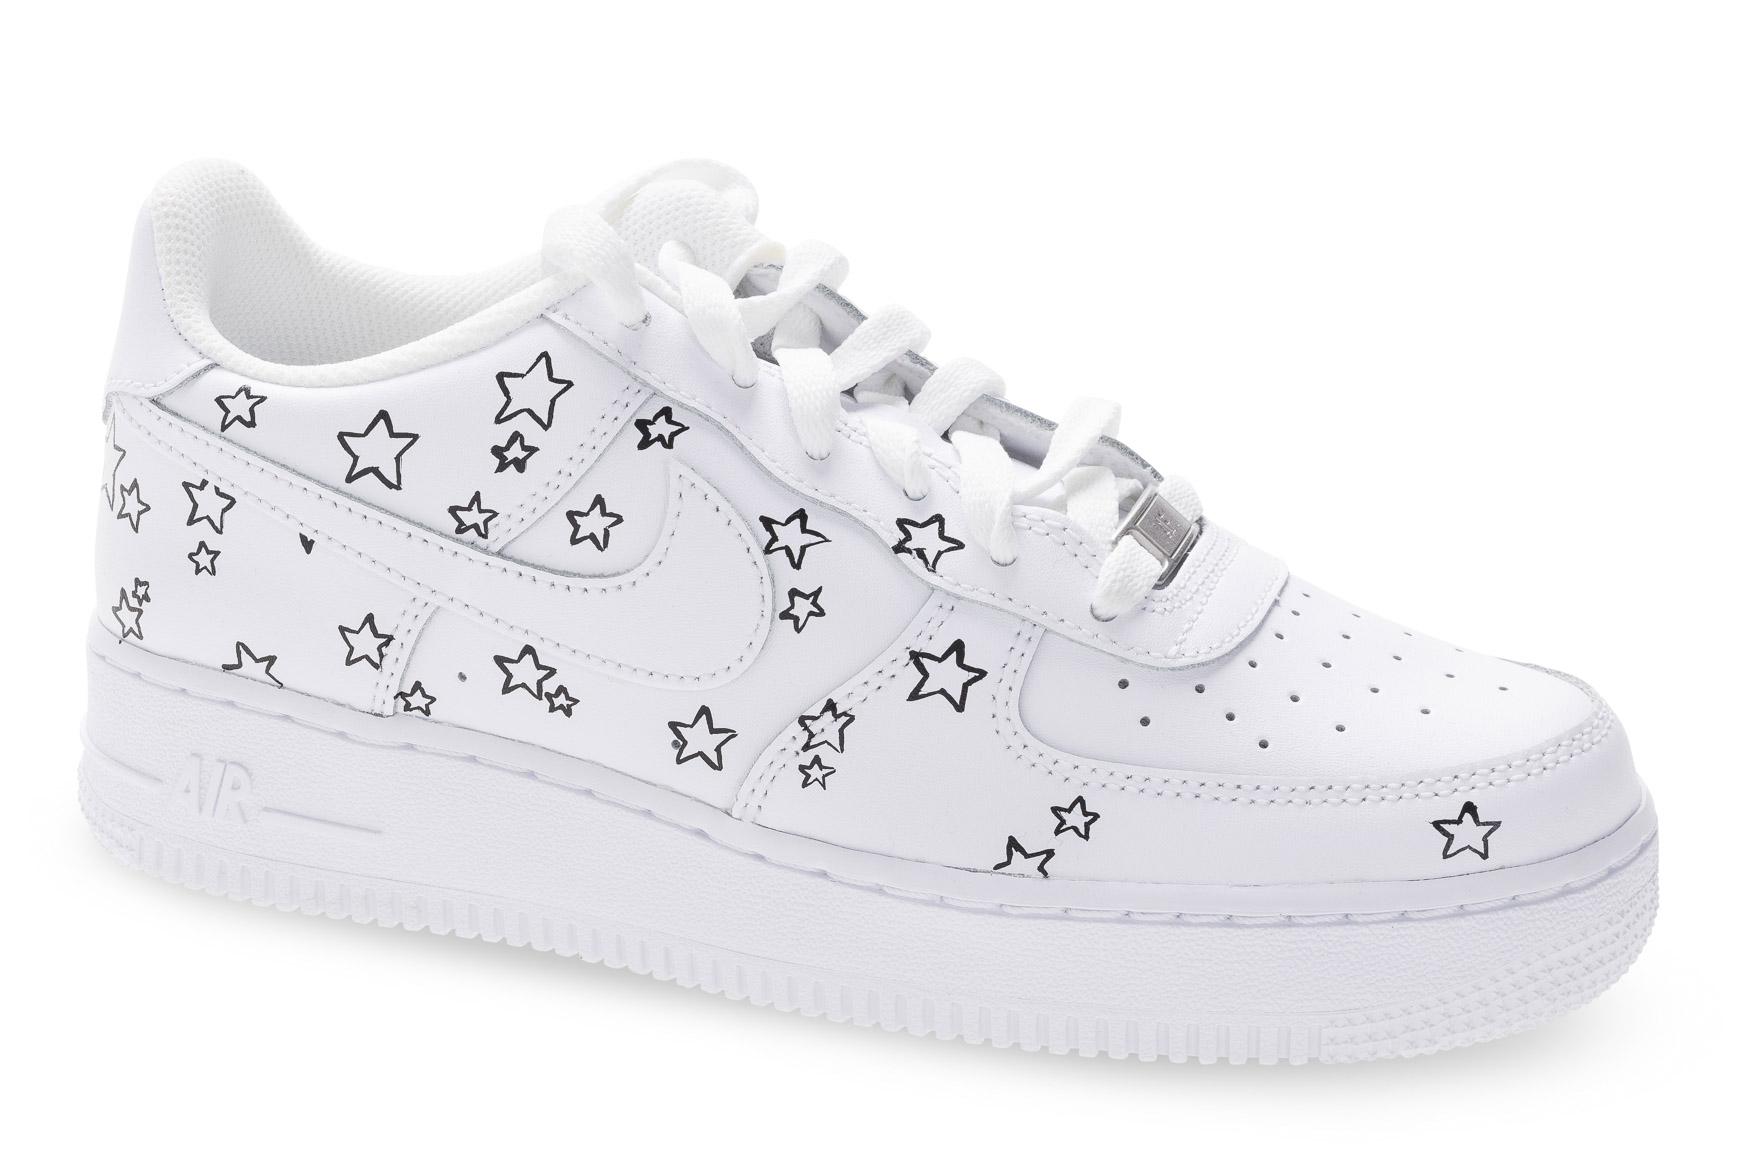 Nike Air Force 1 Stars